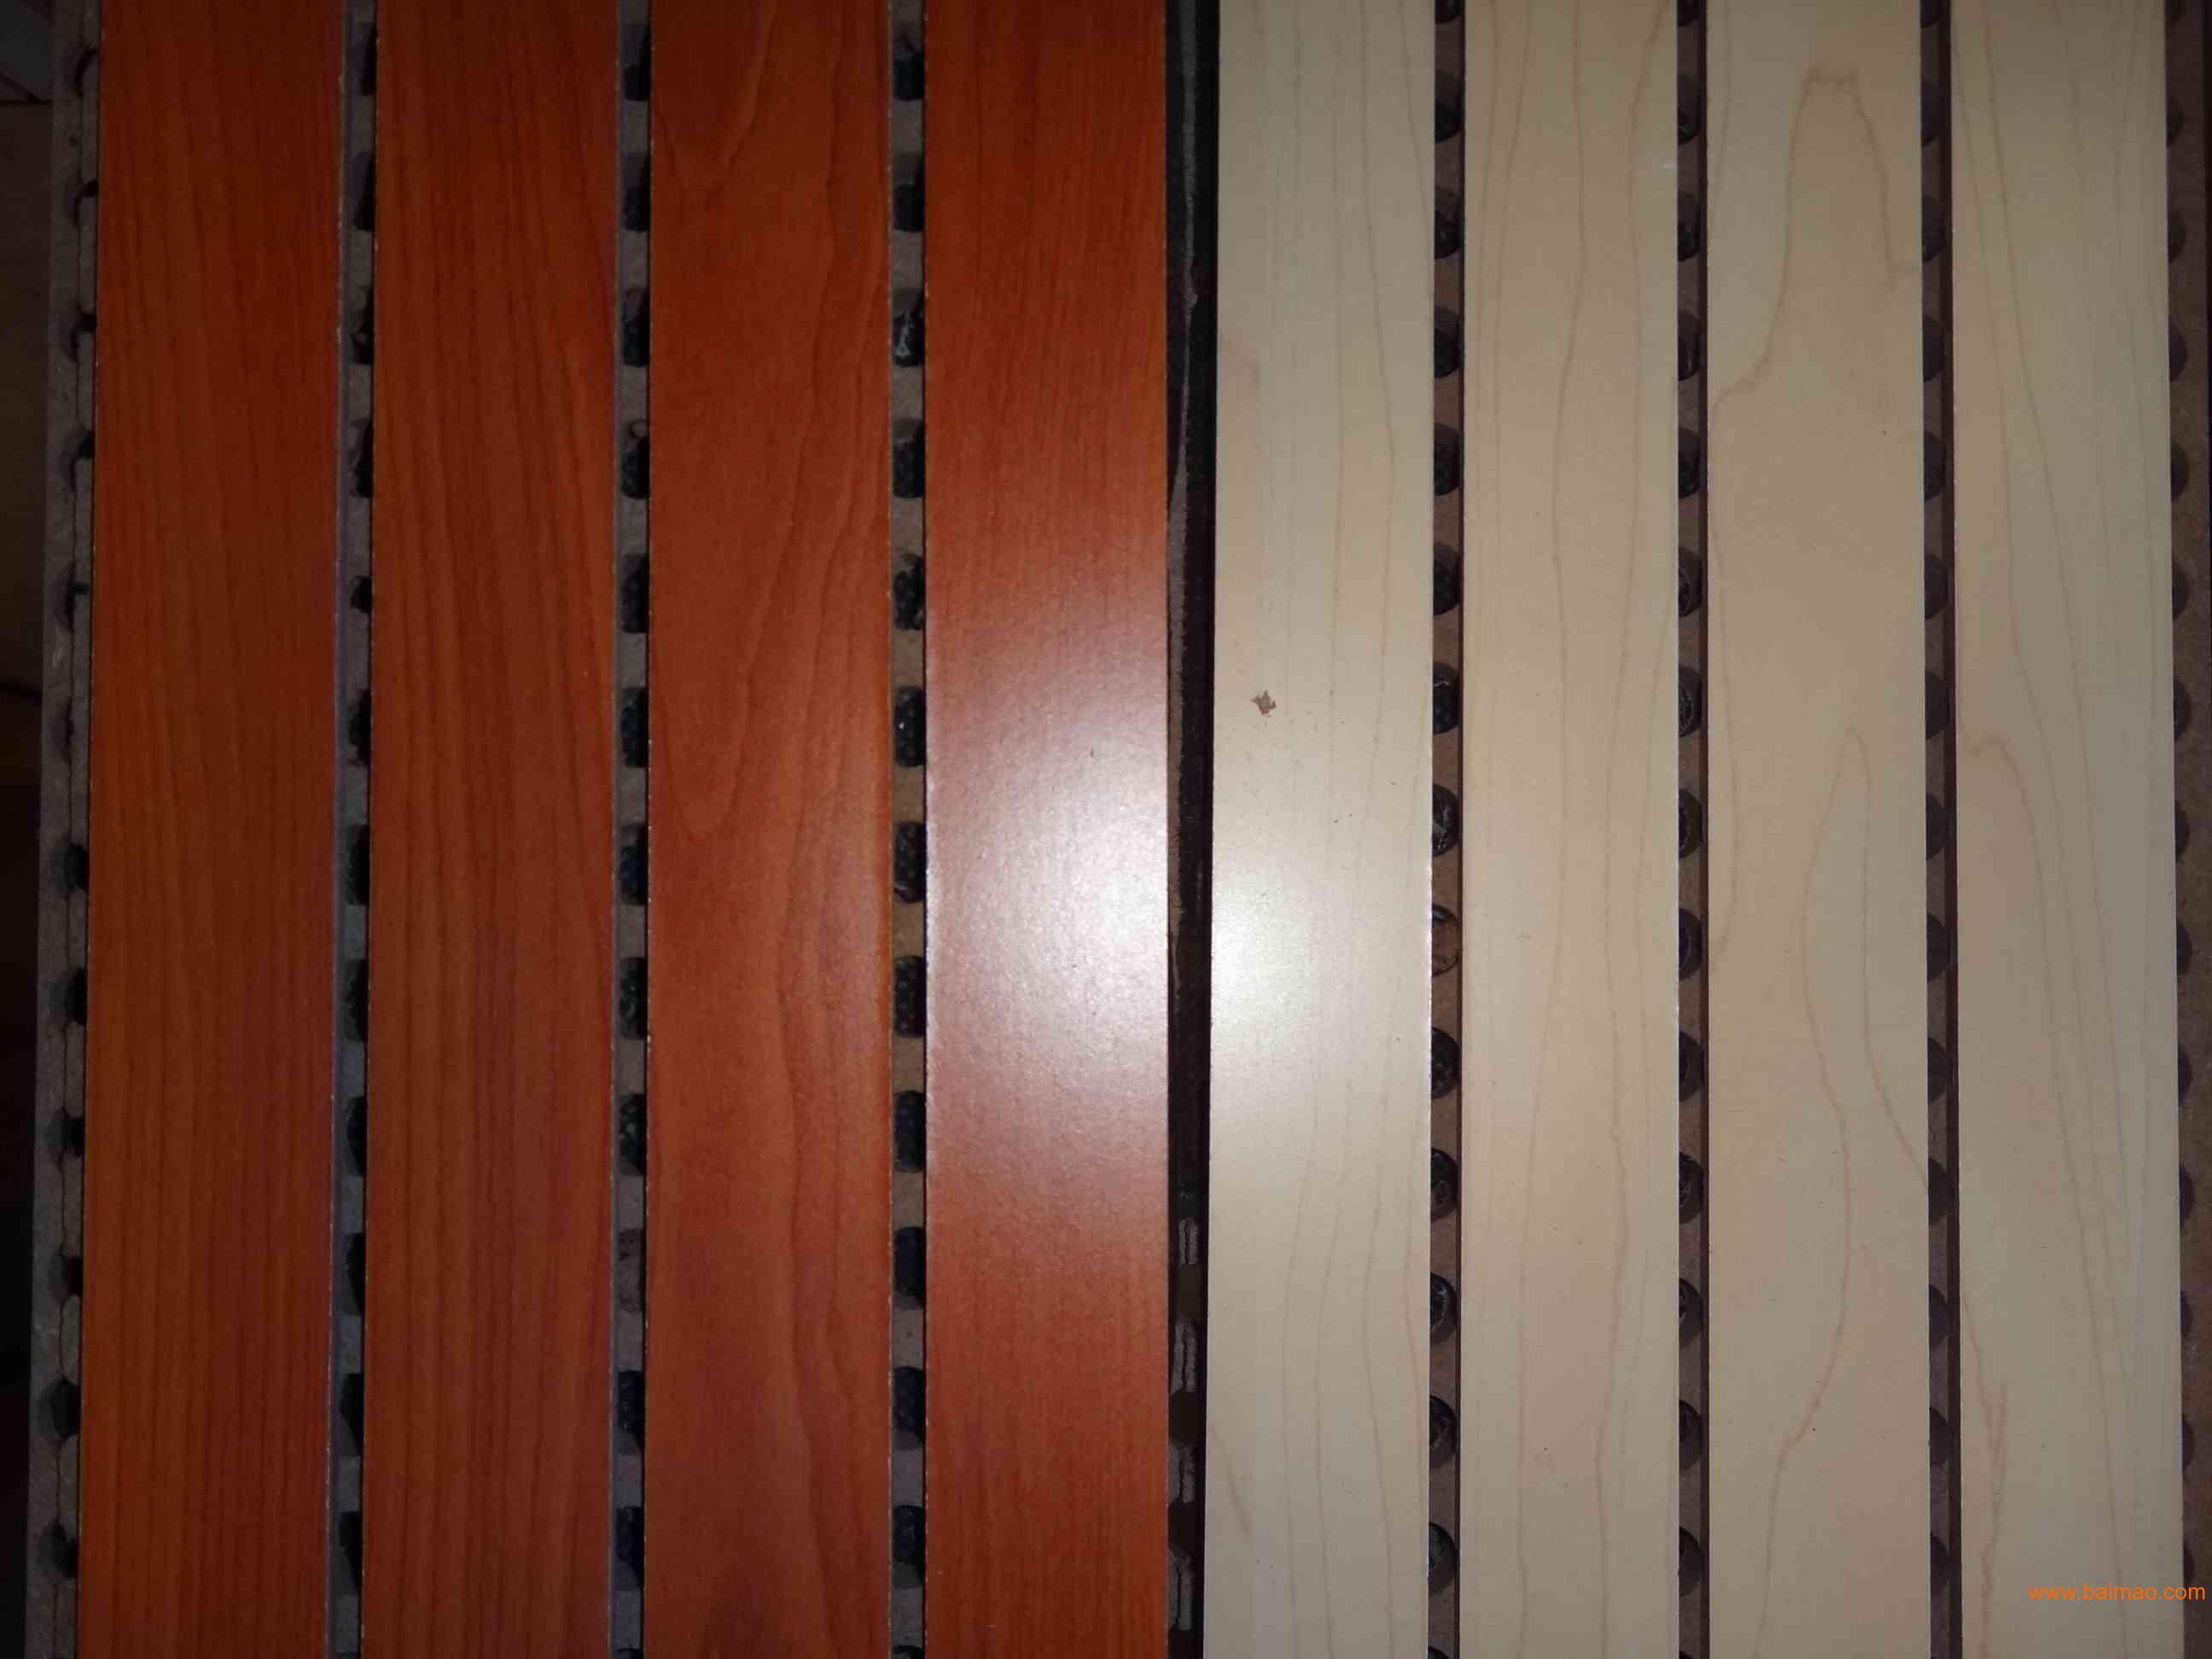 木质吸音板实体产品1